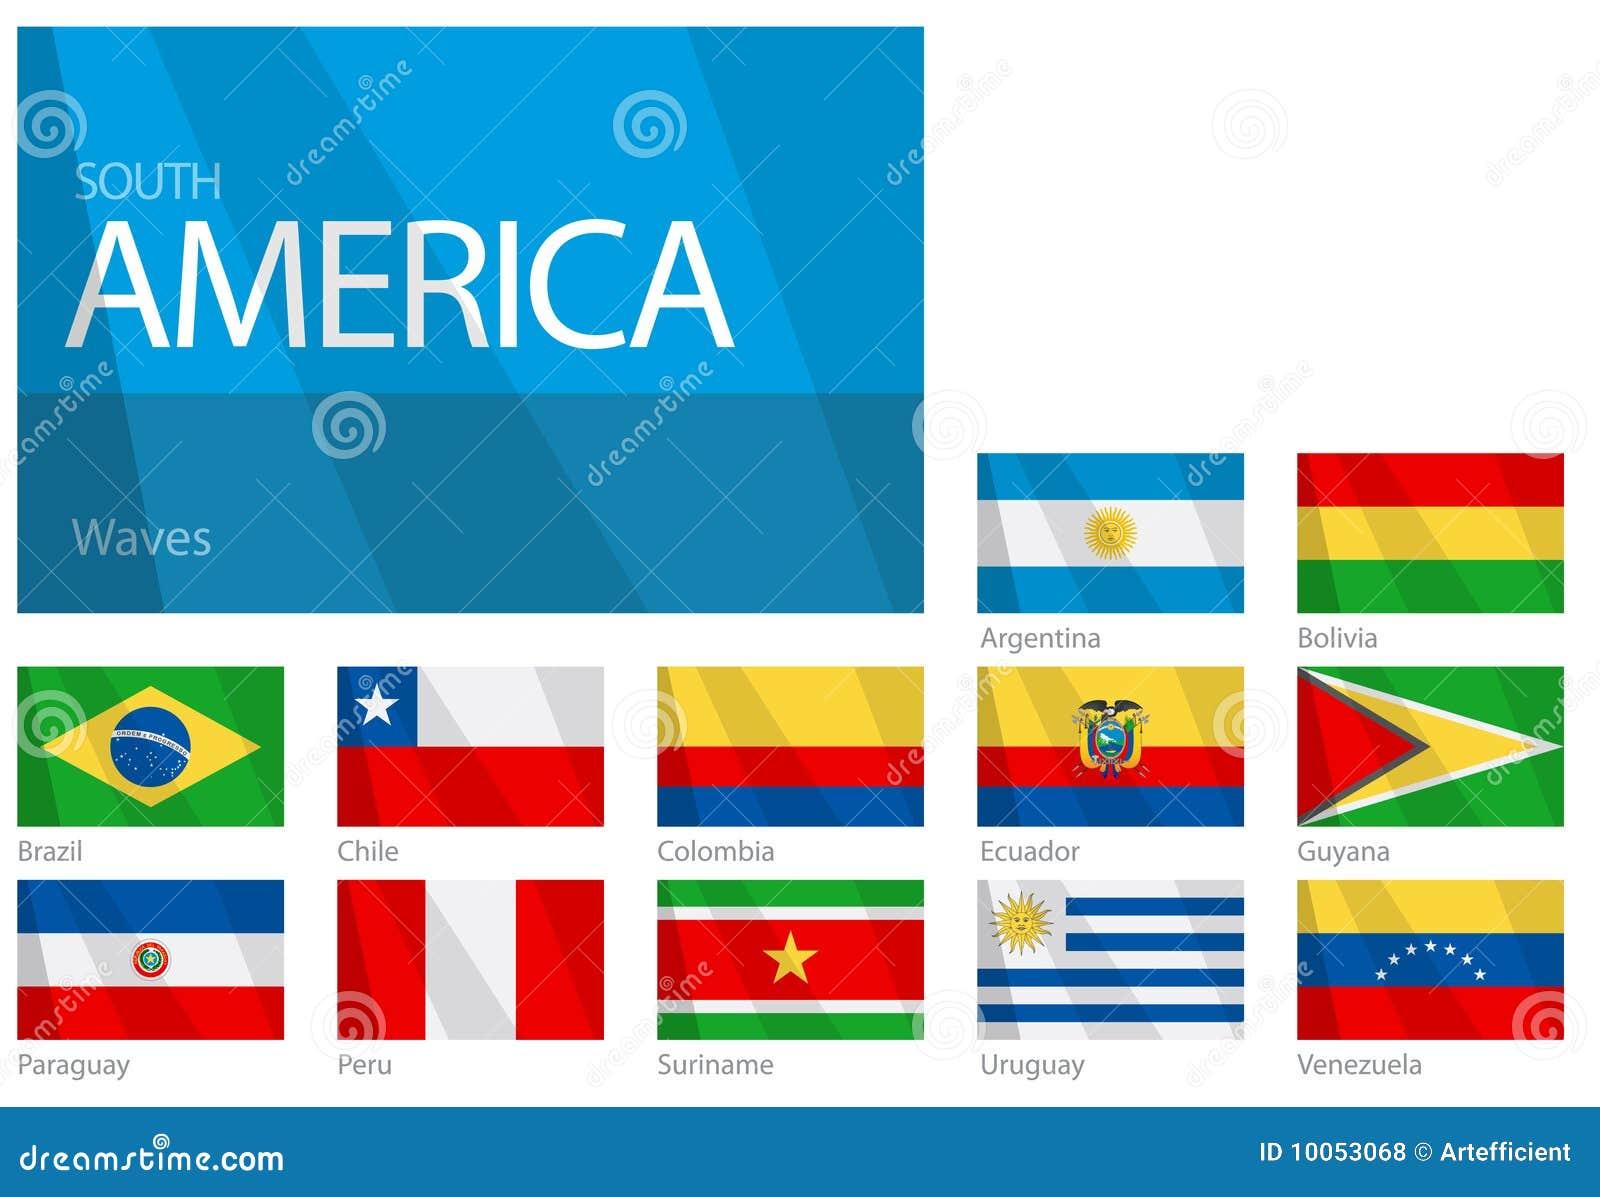 Bandeiras de ondulação do sul - países americanos